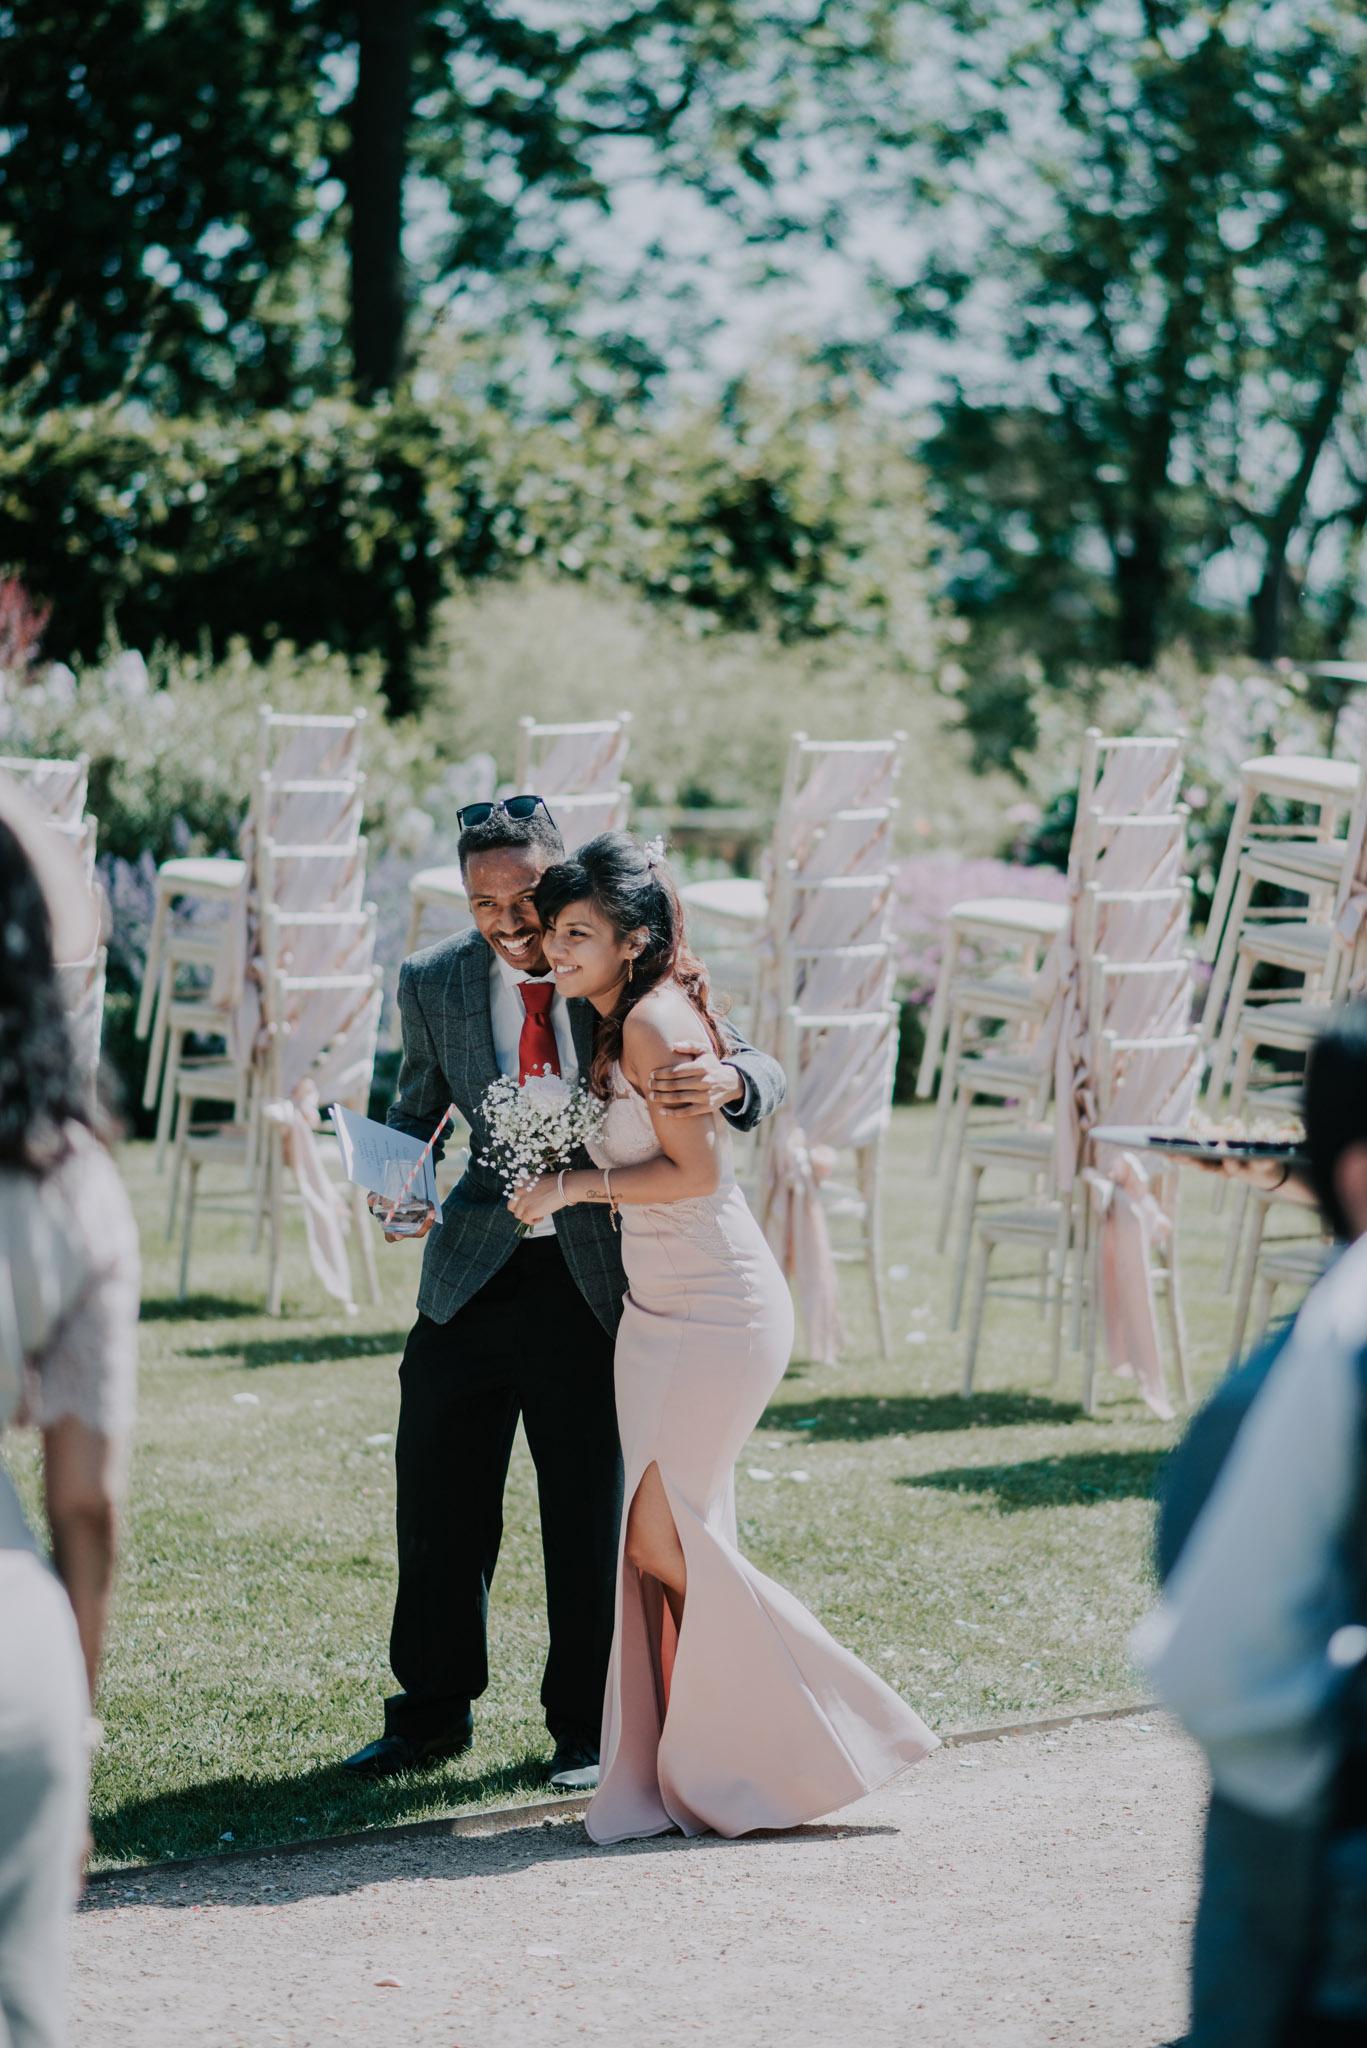 scott-stockwell-wedding-photographer-wood-norton-evesham201.jpg